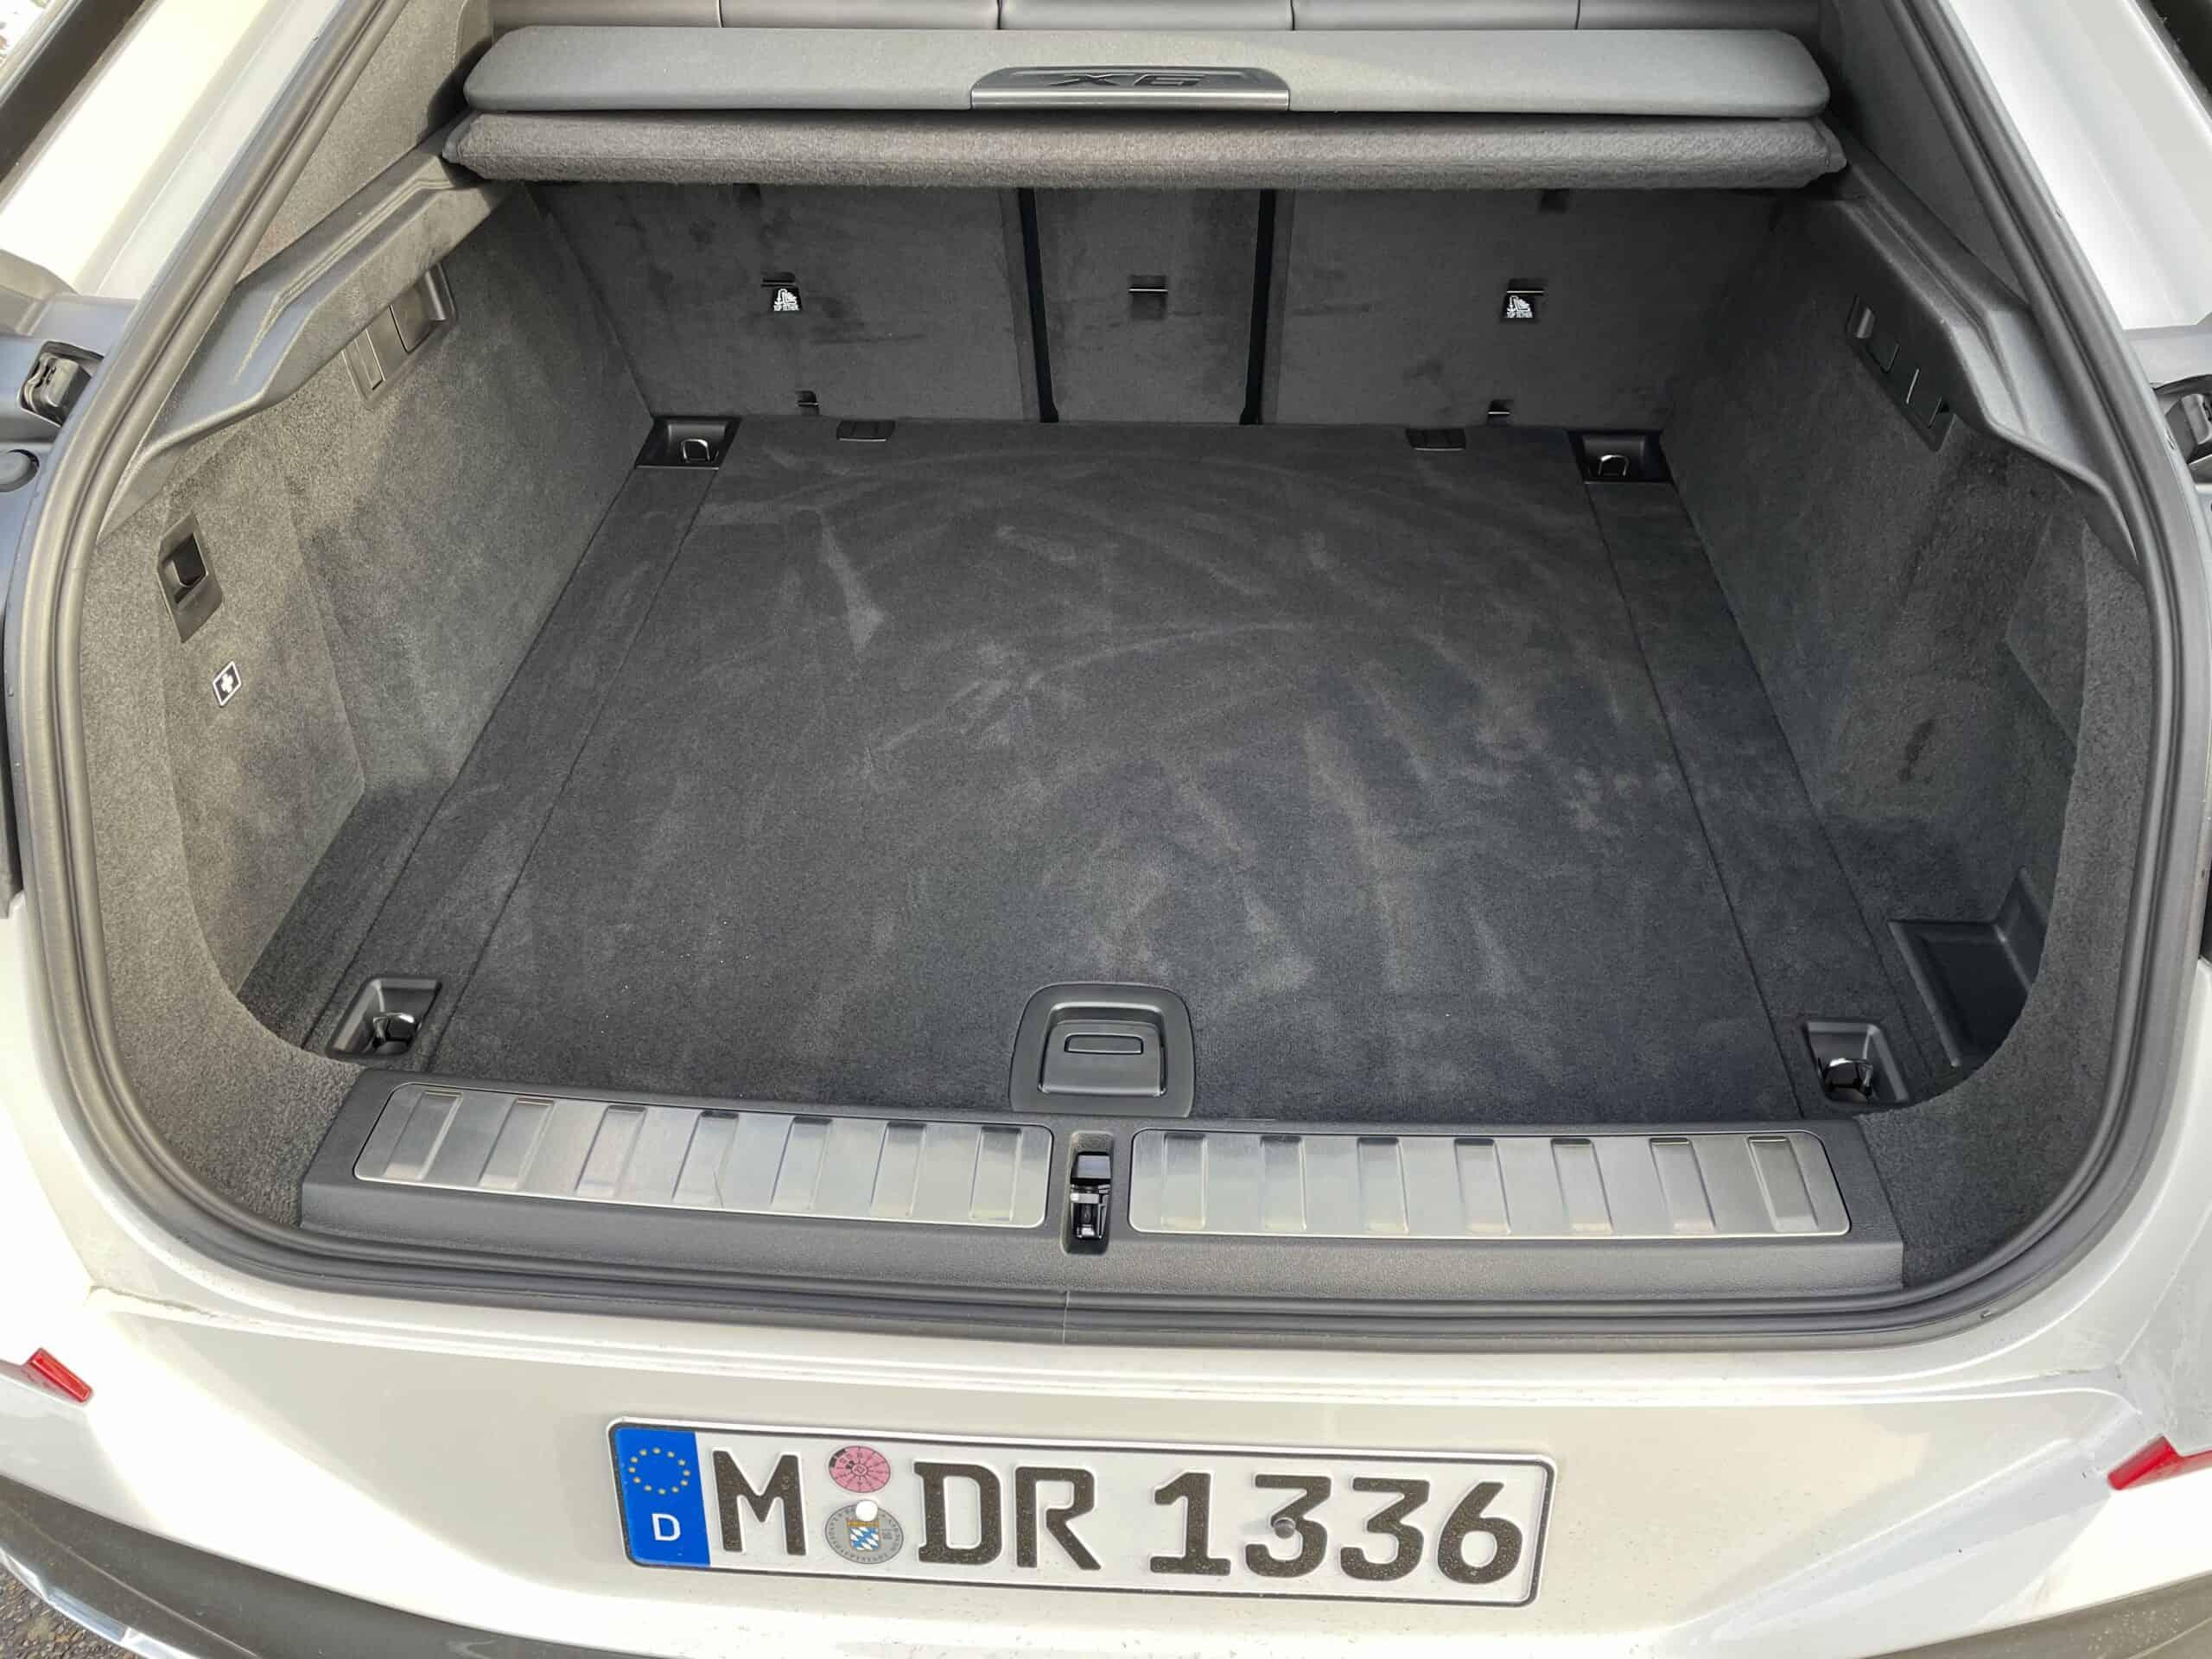 BMW X6 Diesel 3.0 Mild-Hybrid (2021) Kofferraum